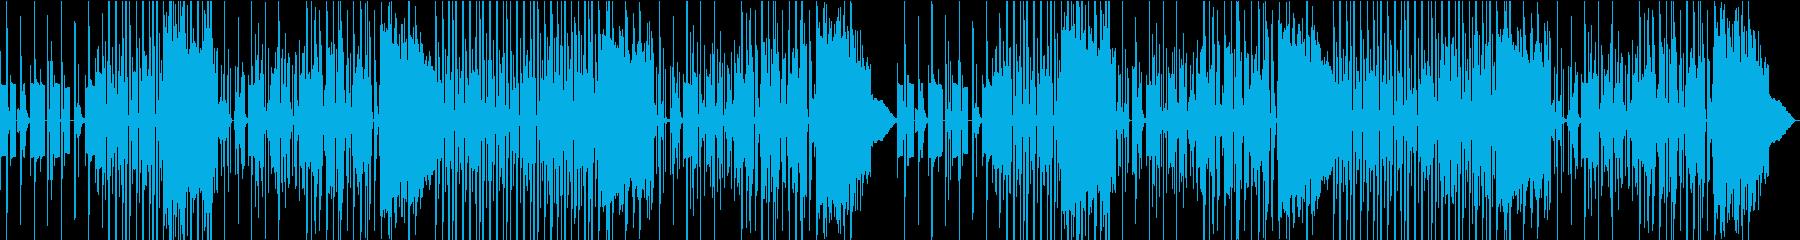 上品で遊び心のあるヒップホップ風BGMの再生済みの波形